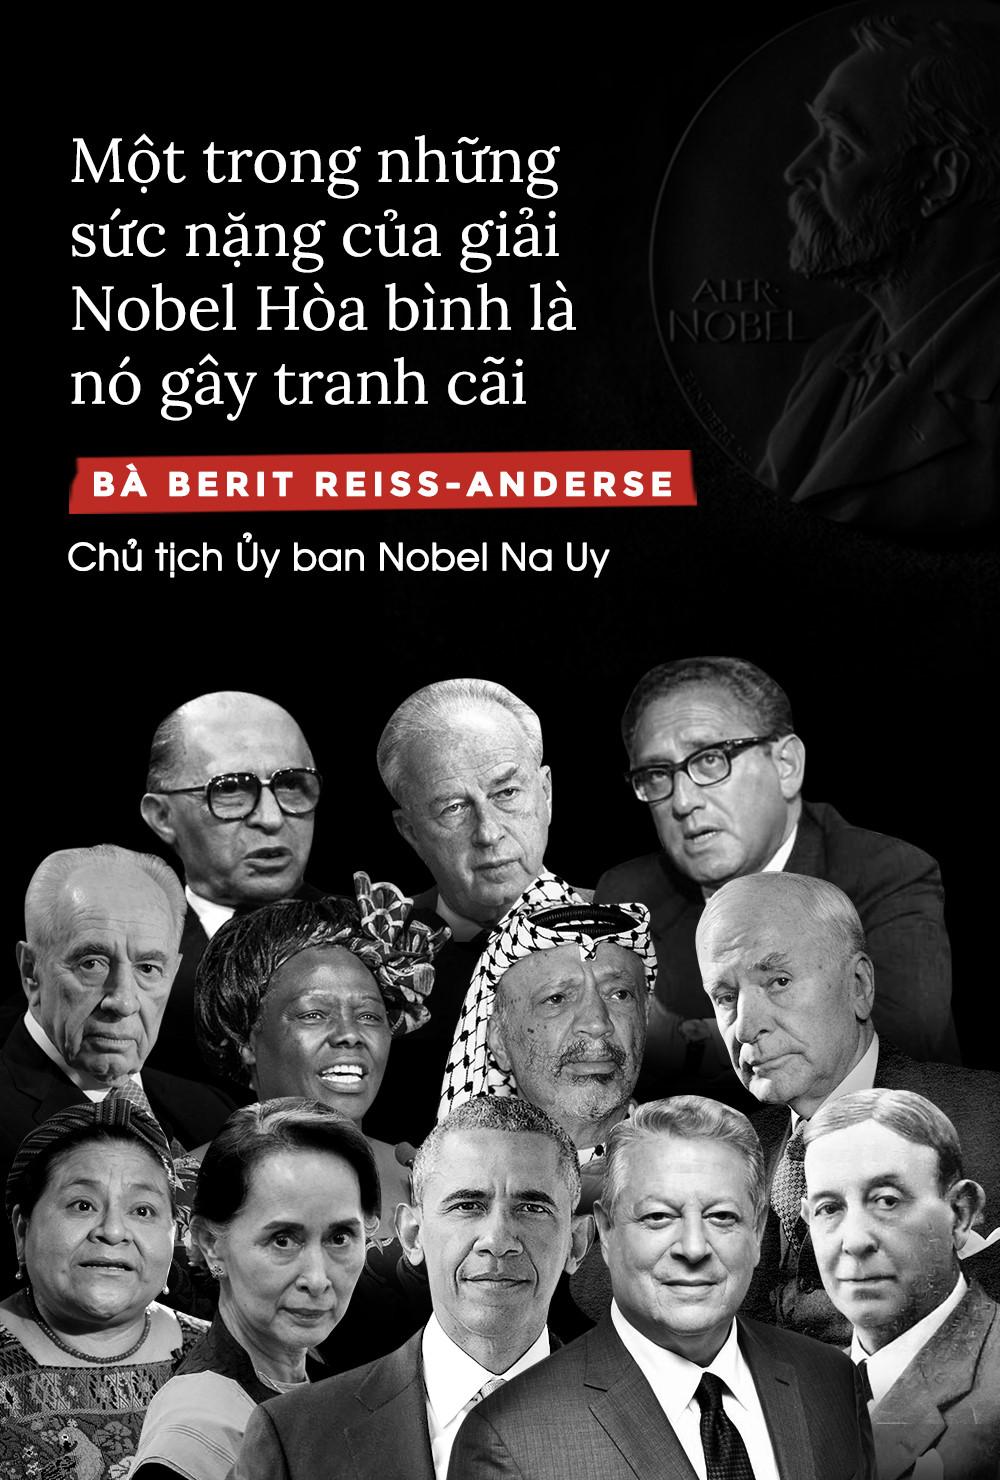 Mùa Nobel tranh cãi - Hủy giải văn học, TT Trump nhận Nobel Hòa bình? Ảnh 4